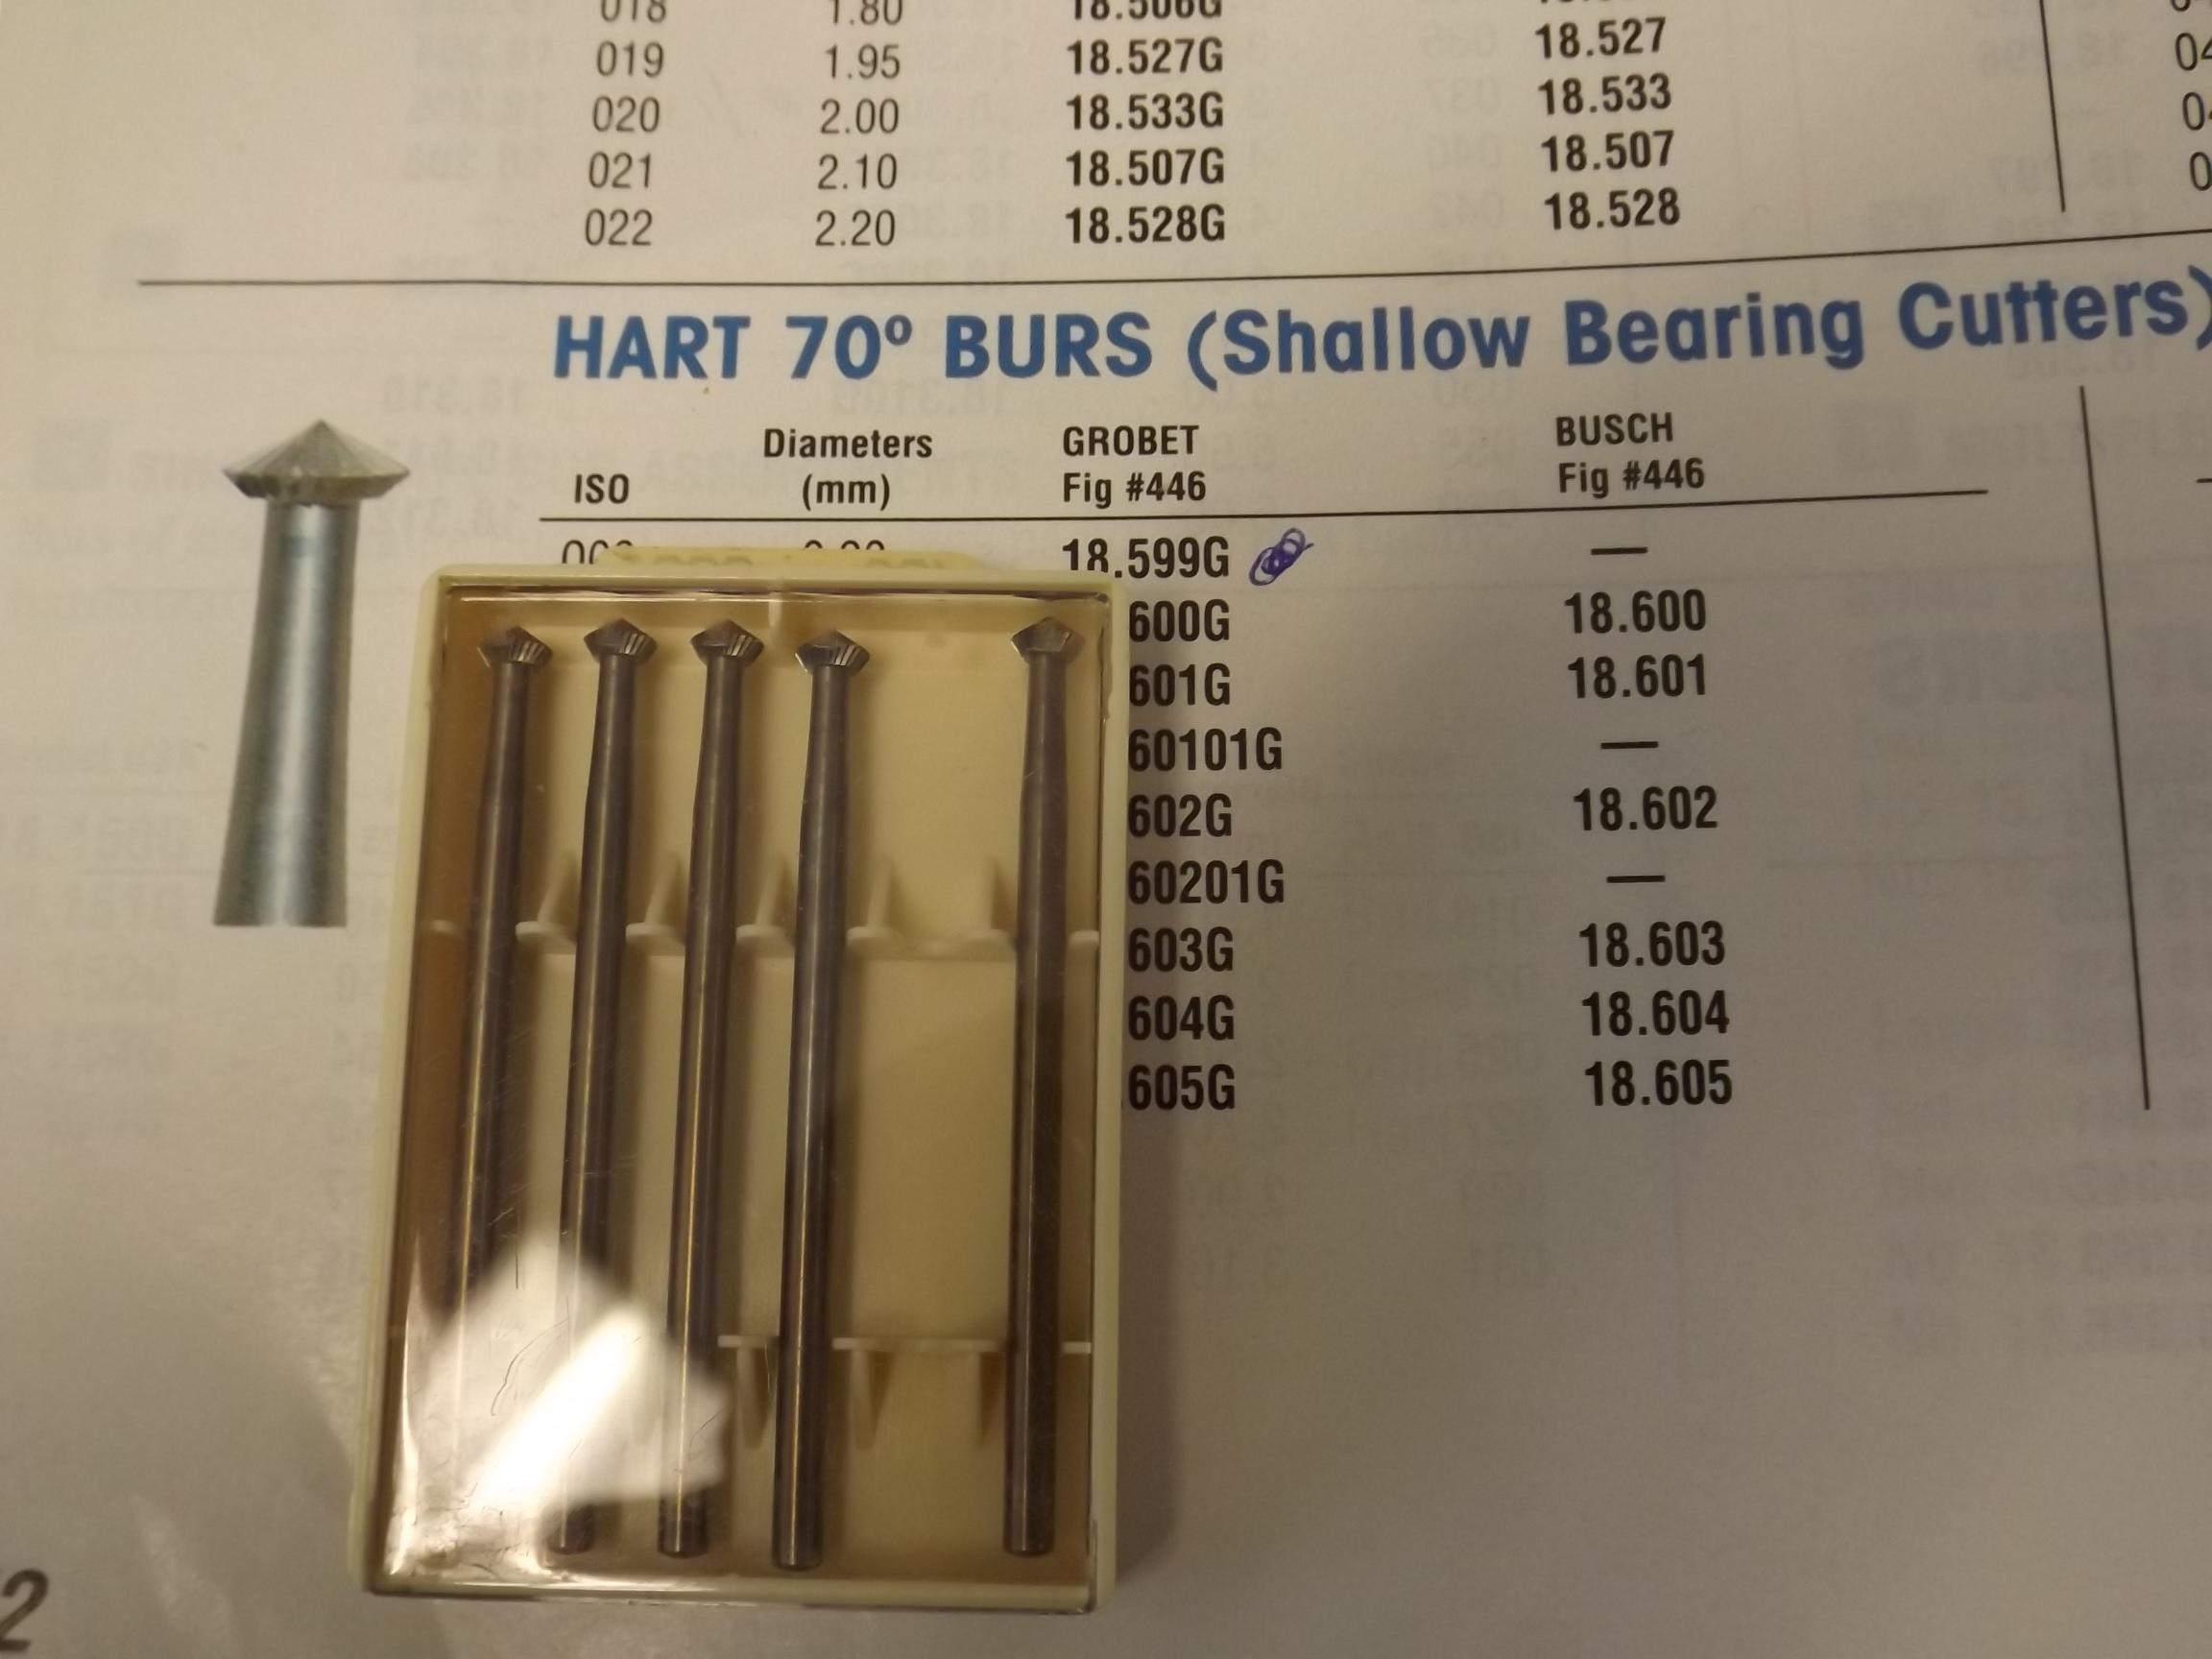 BR446/12 Grobet Brand Bur, 70° Hart, Fig. 446, Size 031- # 18.610